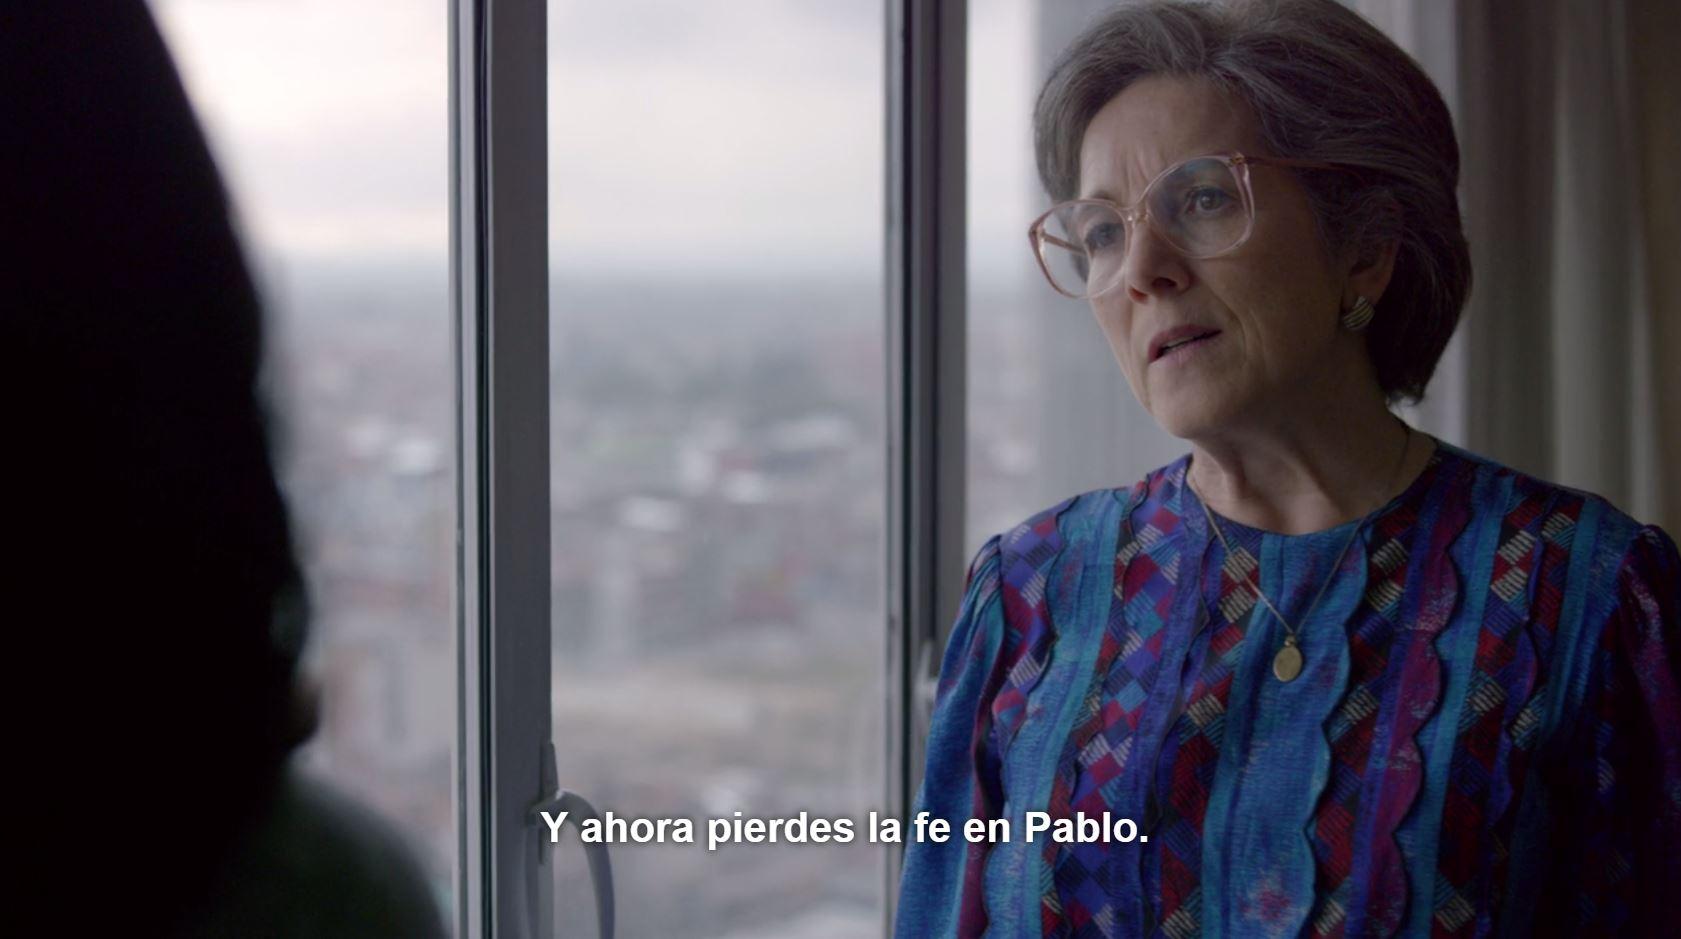 A Hermilda de los Dolores Gaviria Berrío, la madre de Pablo Escobar, se la muestra inseparable de su hijo. Su nieto no cree lo mismo